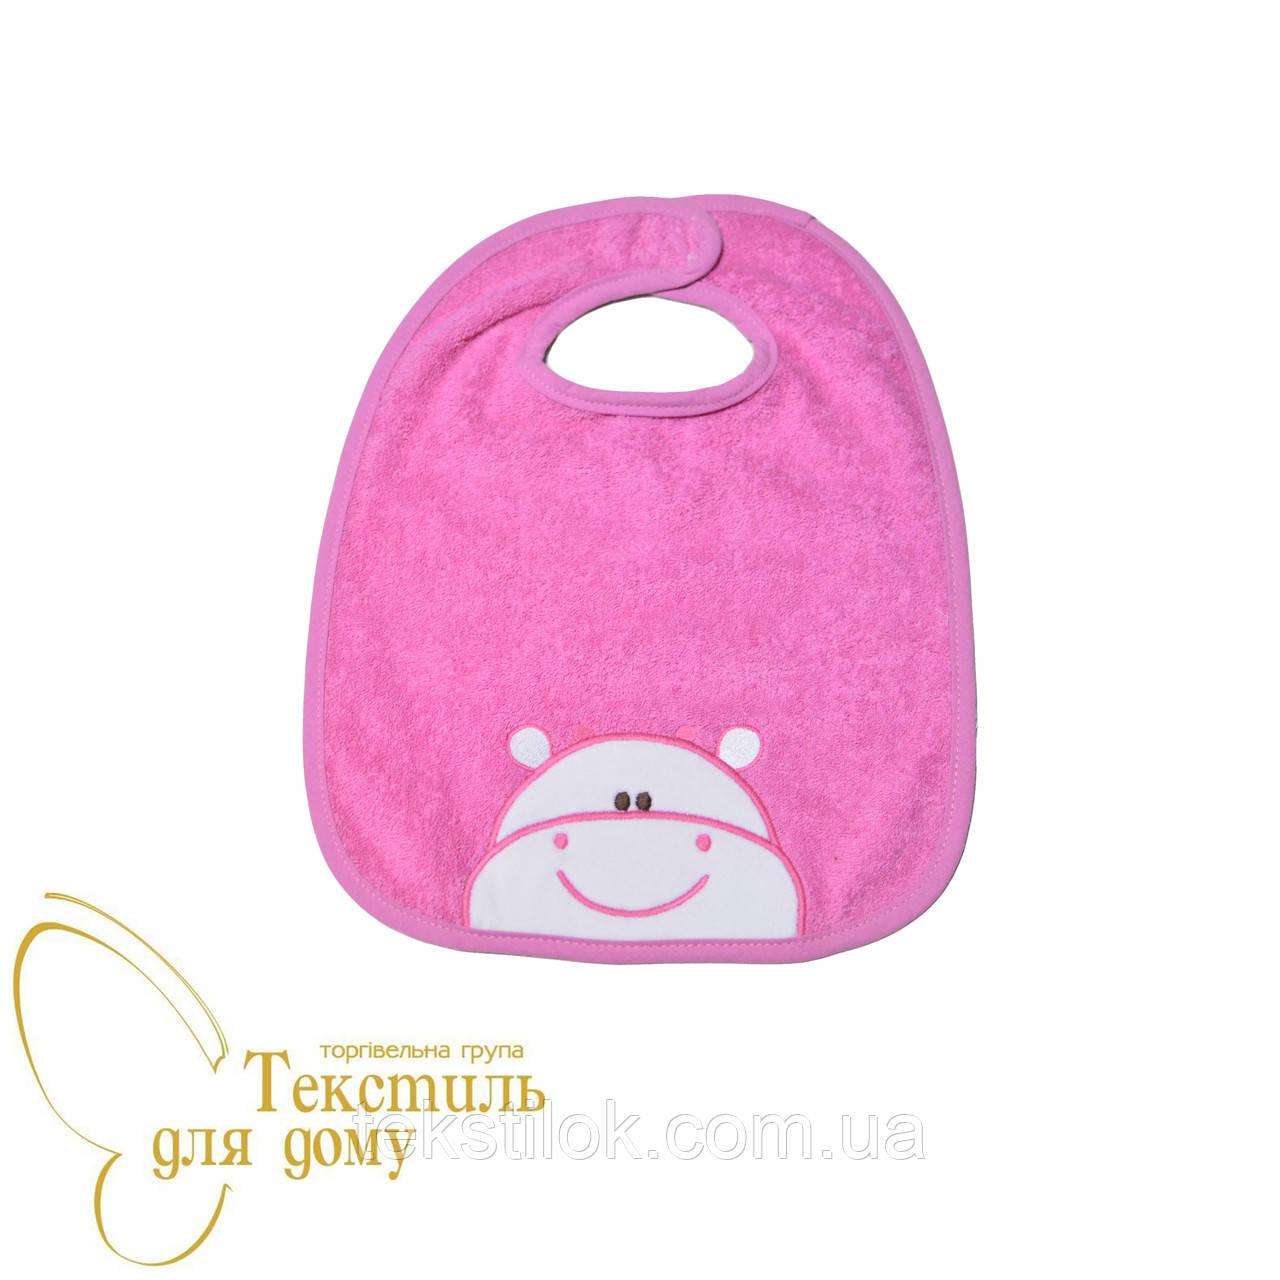 Слюнявчик детский, махра с аппликацией, розовый